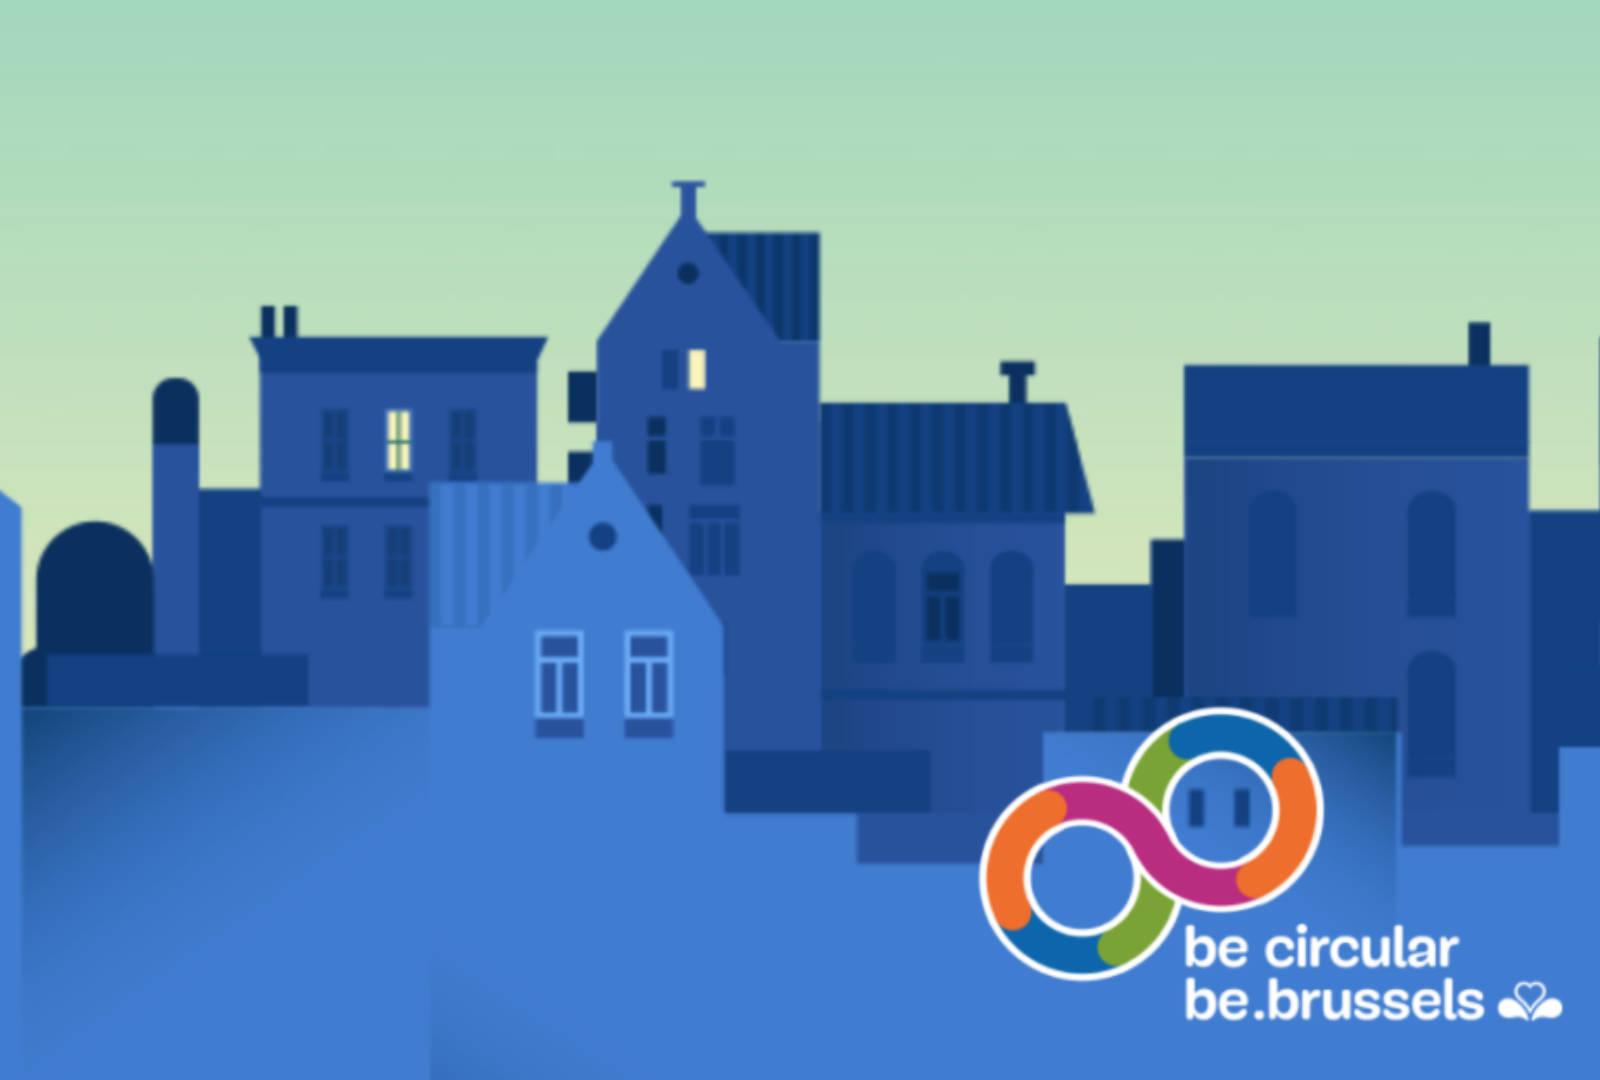 De Brusselse regering biedt steun aan 38 nieuwe kringloopeconomieprojecten